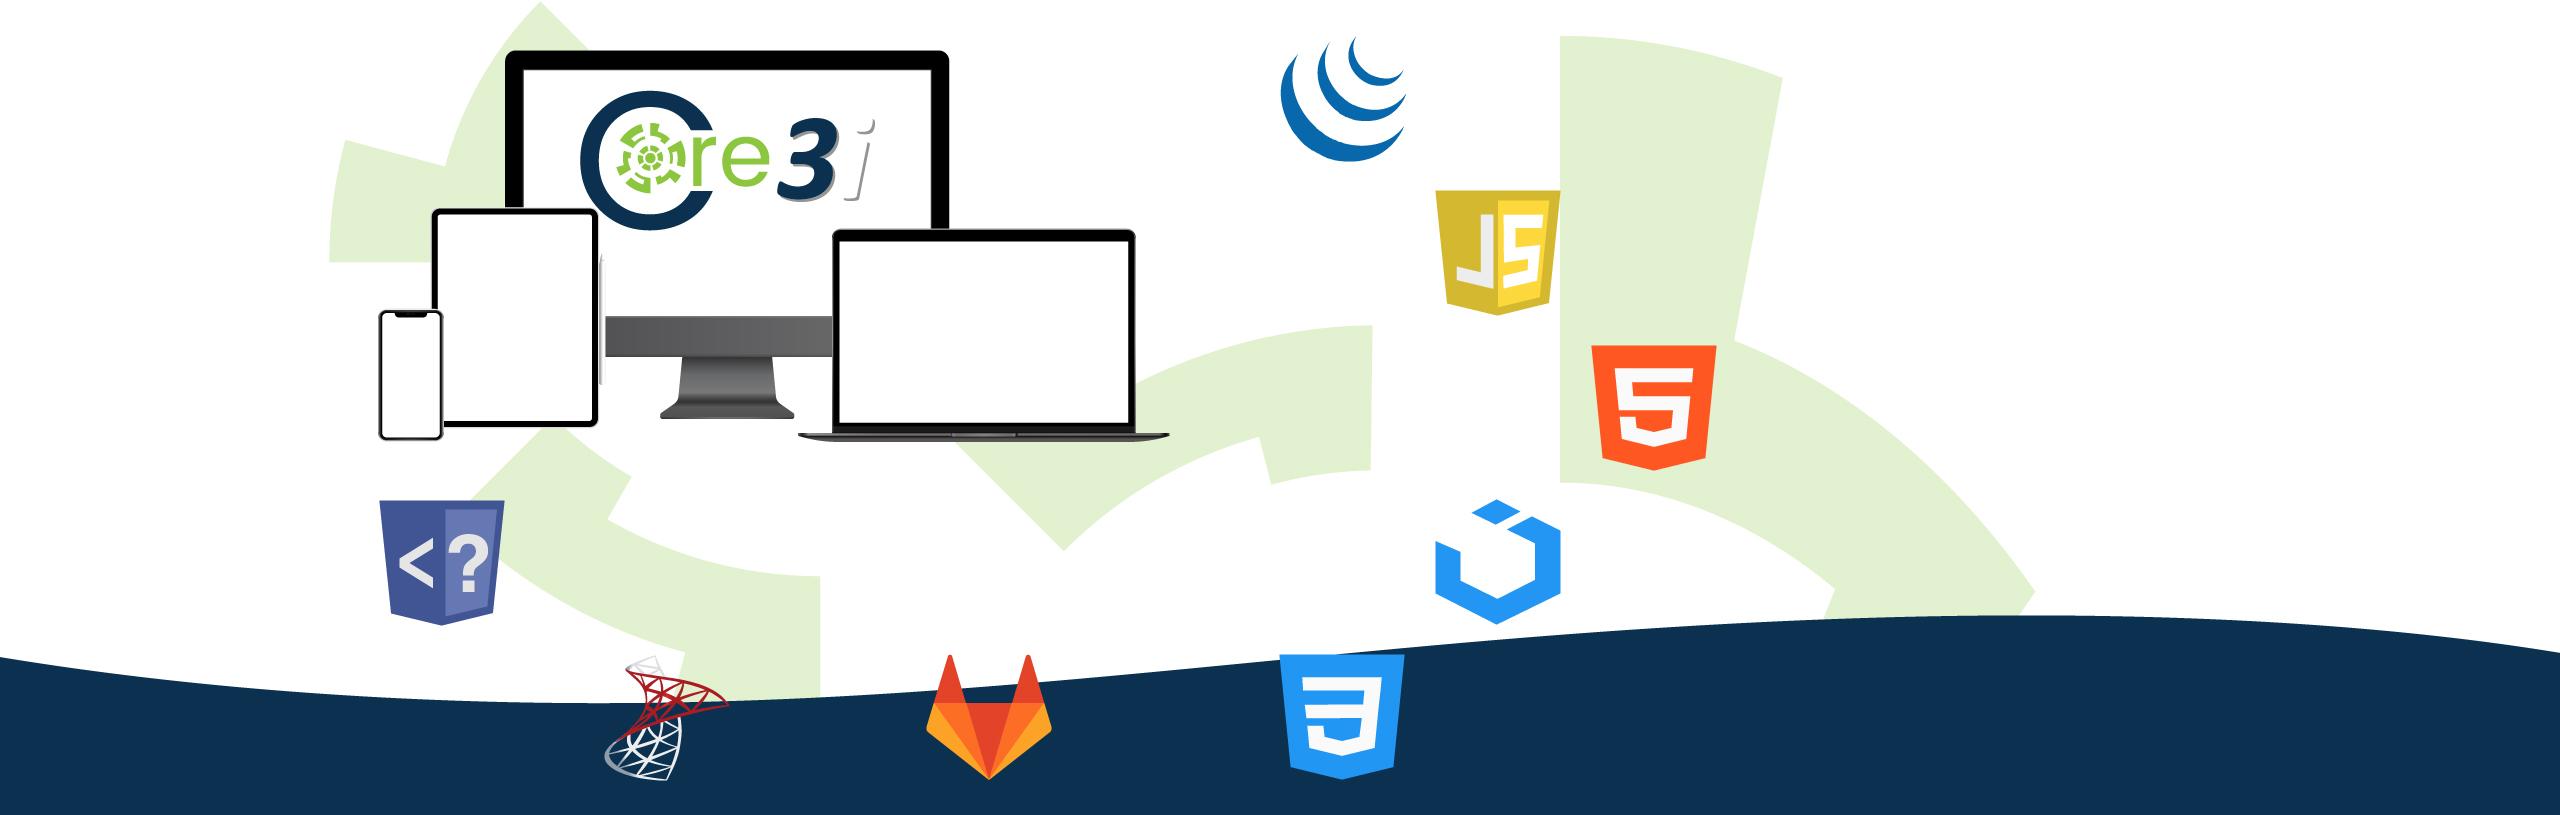 Core3i | Núcleo de Desarrollos para Aplicaciones WEB Progresivas